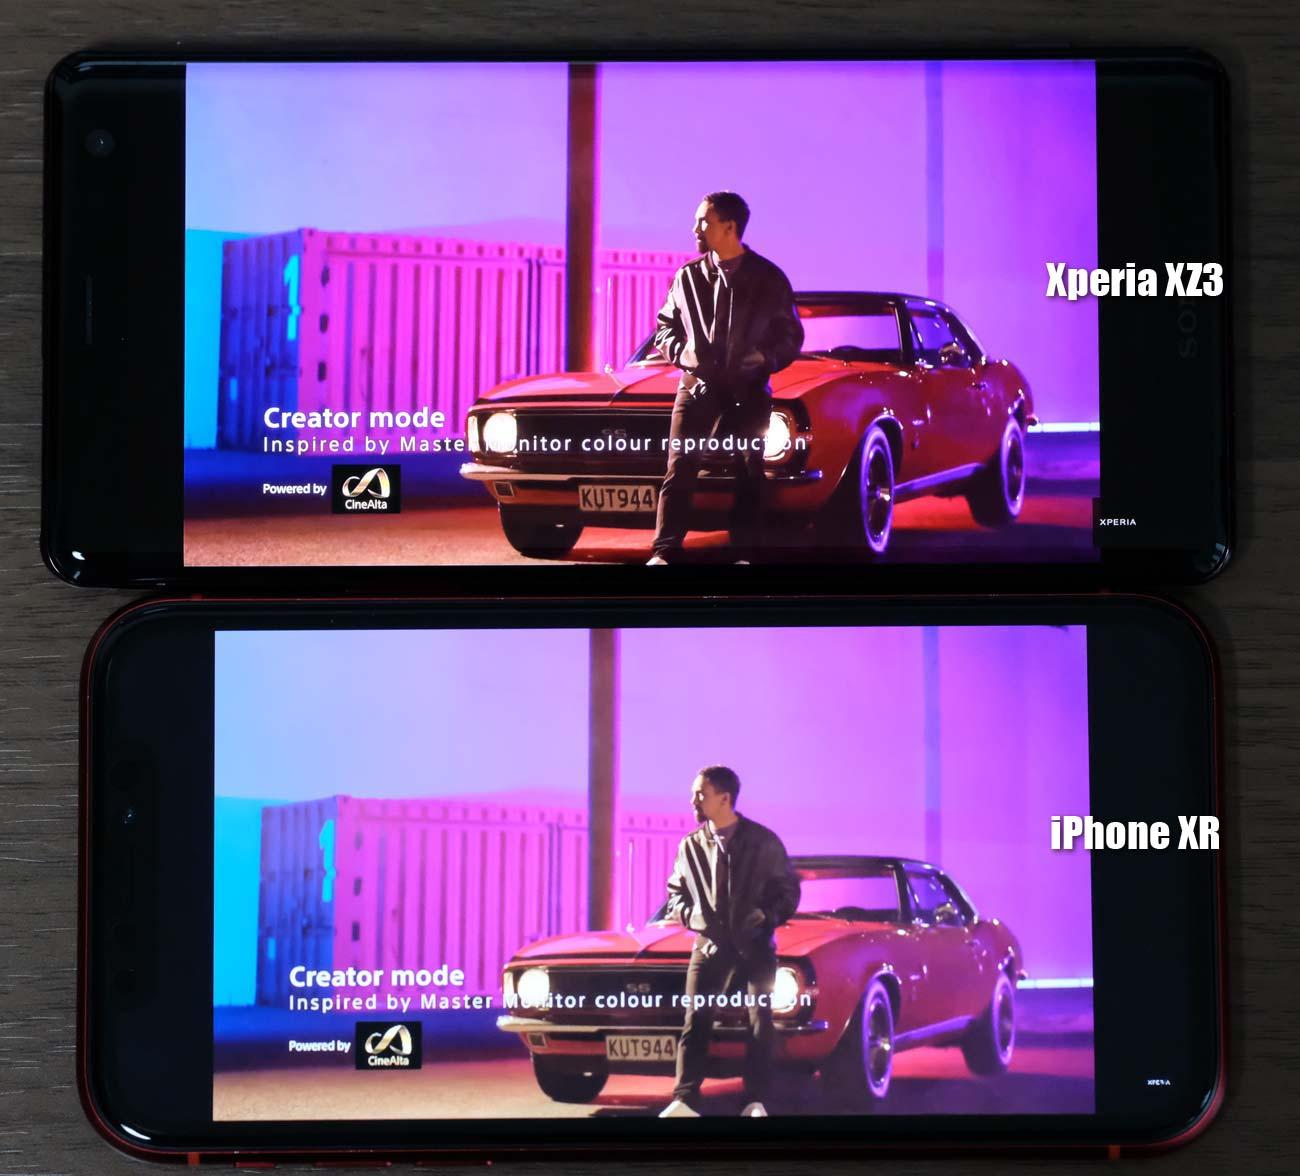 iPhone XRとXperia XZ3 動画の画質の違いを比較